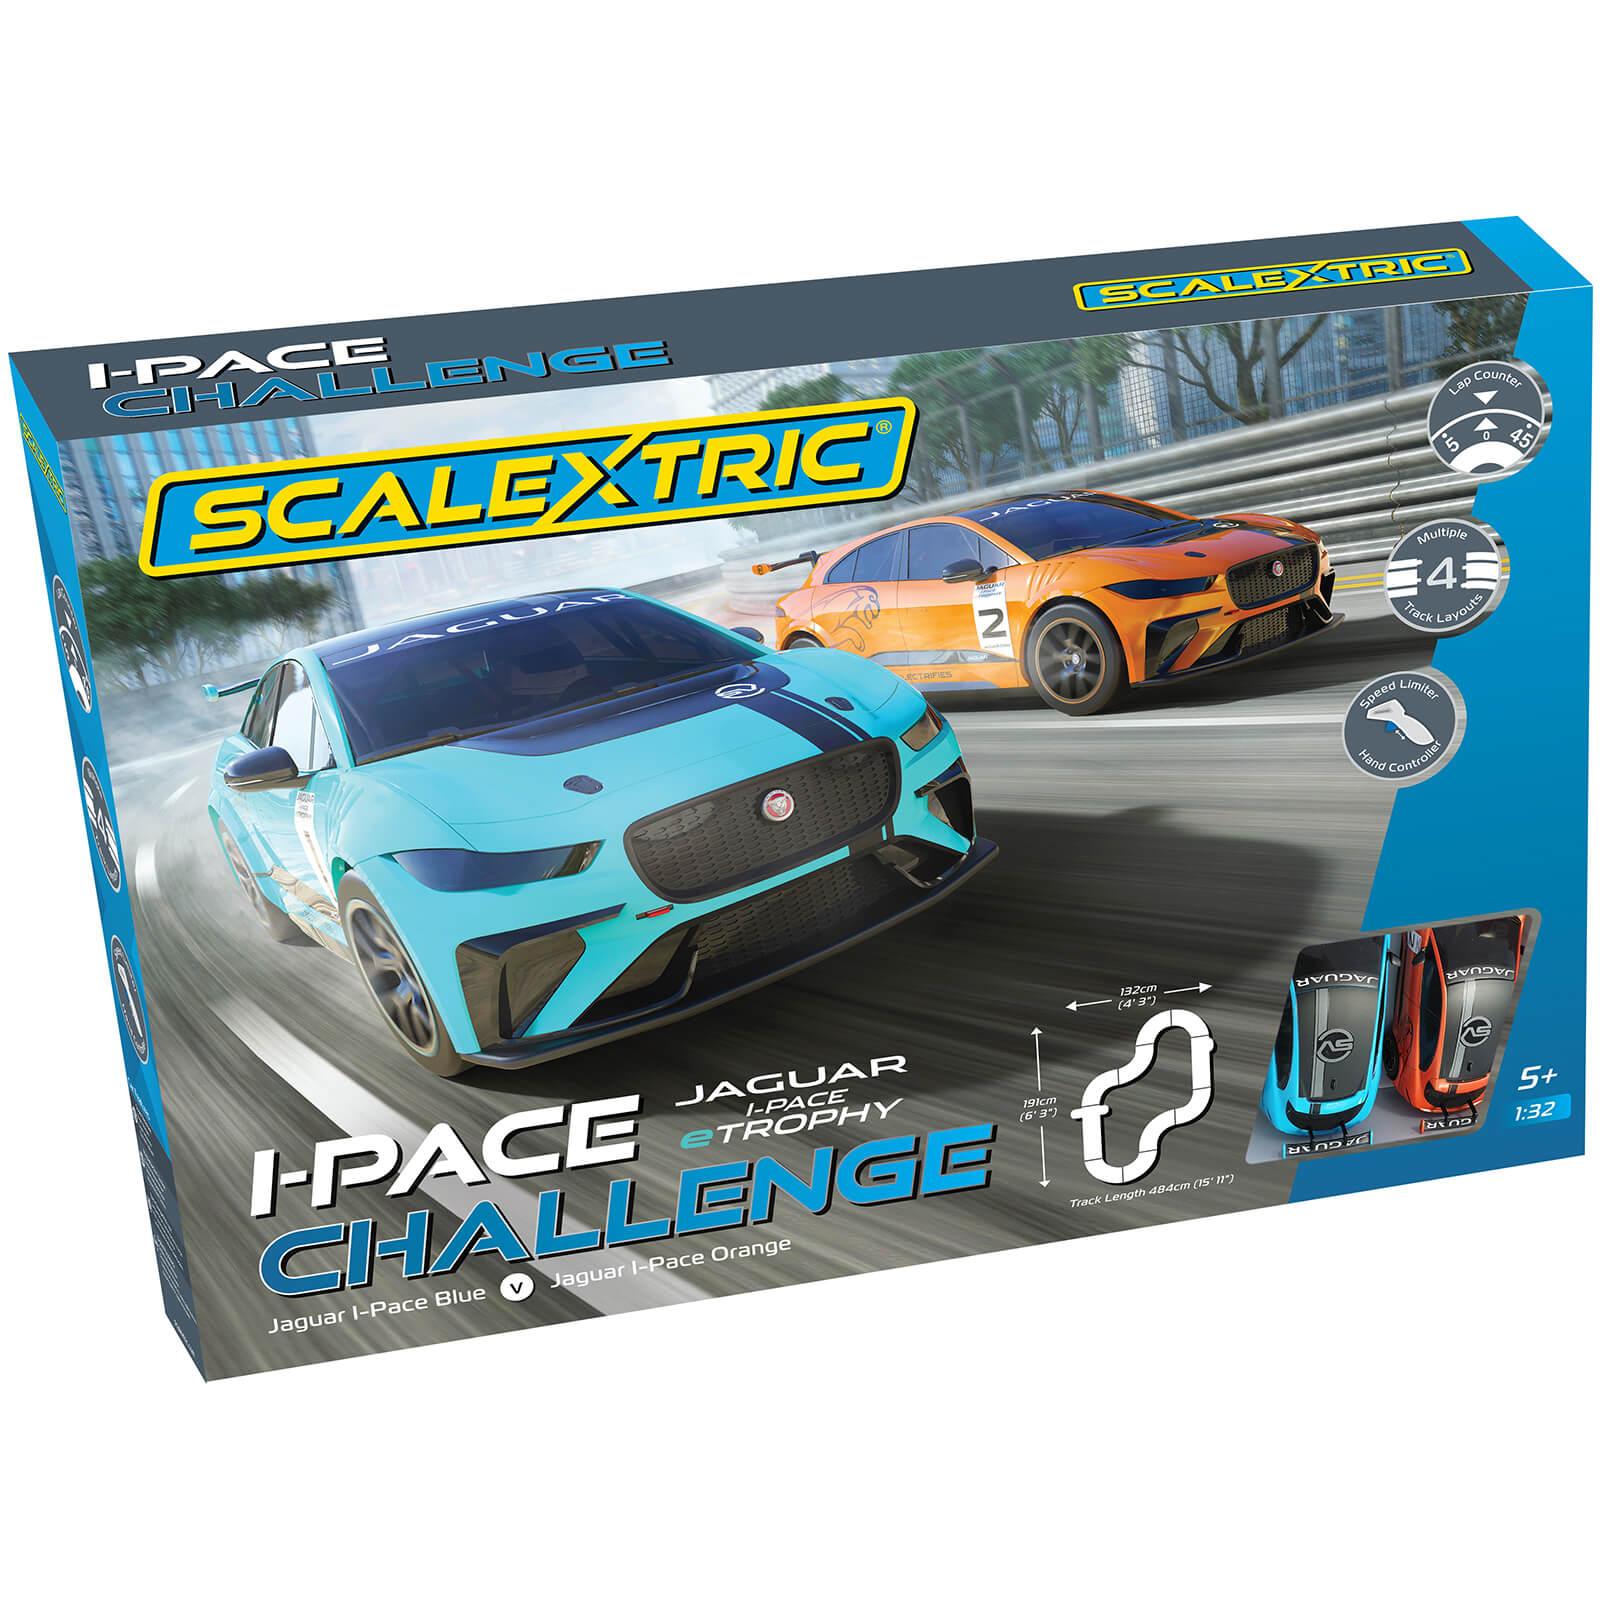 Scalextric I-Pace Challenge (2 x Jaguar I-Pace) Race Set